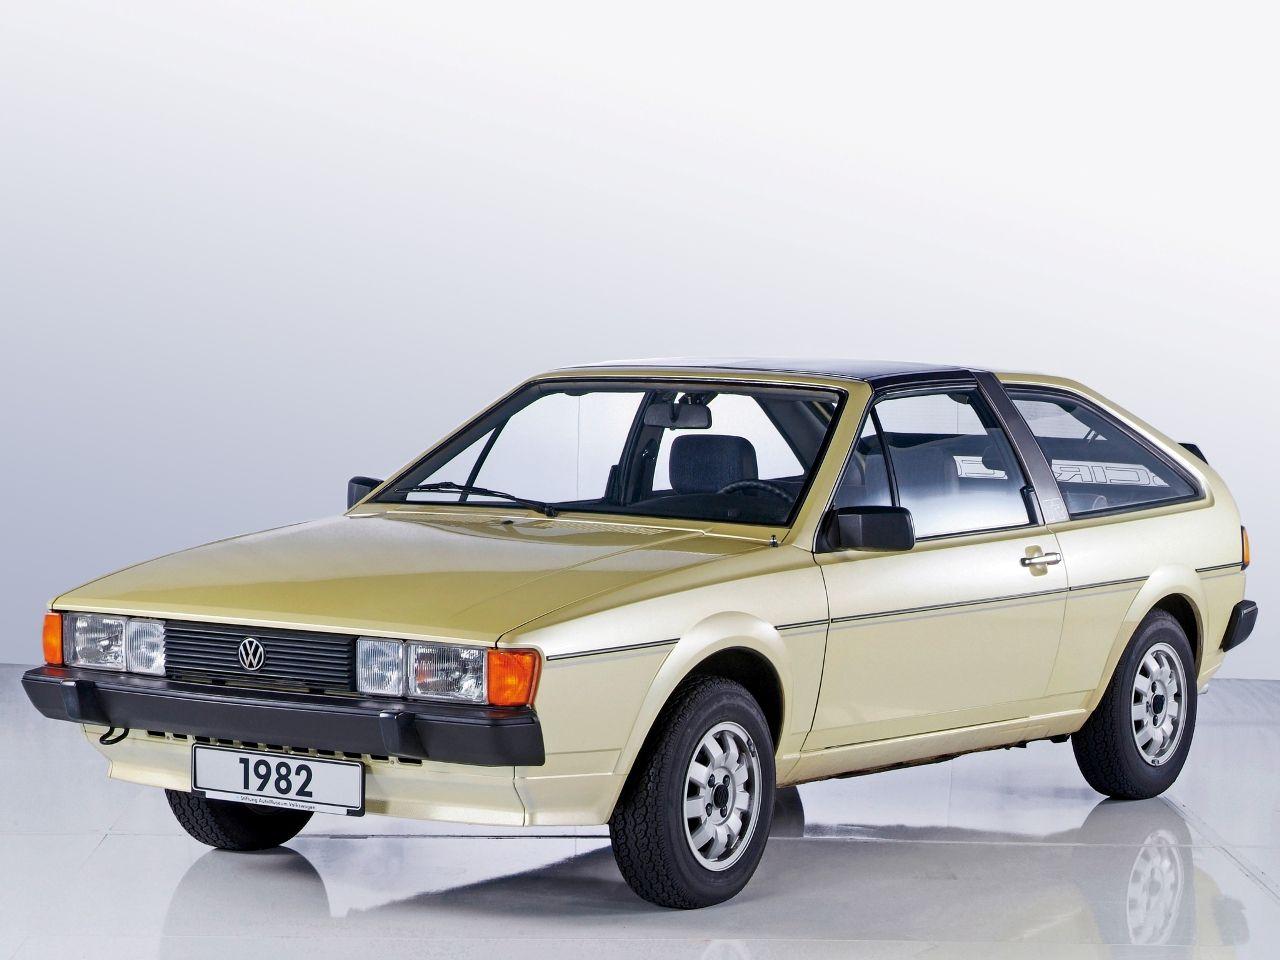 1982 Volkswagen Scirocco TR Prototype